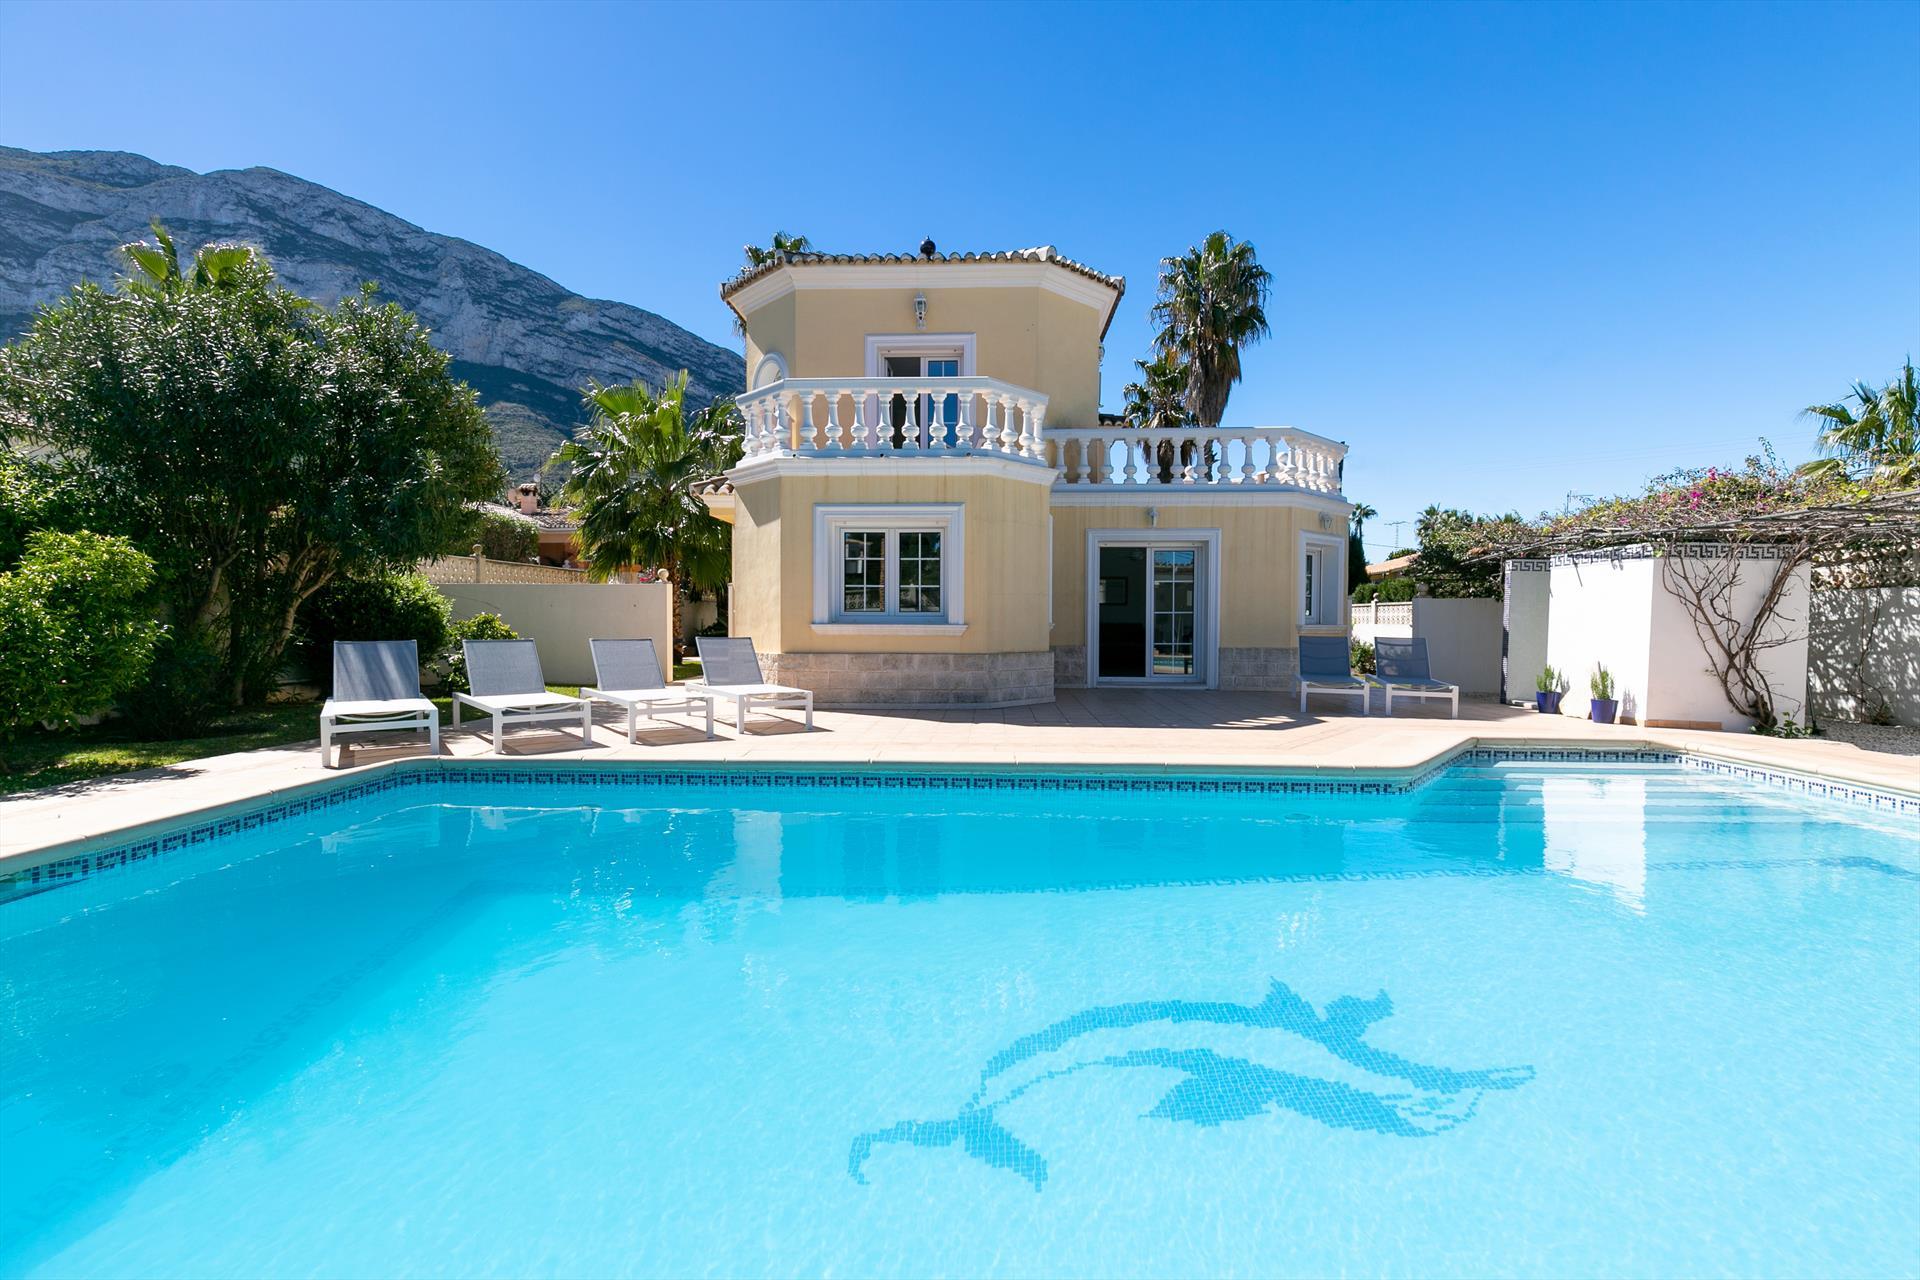 Villa Coral Maison De Vacances À Denia, Espagne intérieur Villa En Espagne Avec Piscine